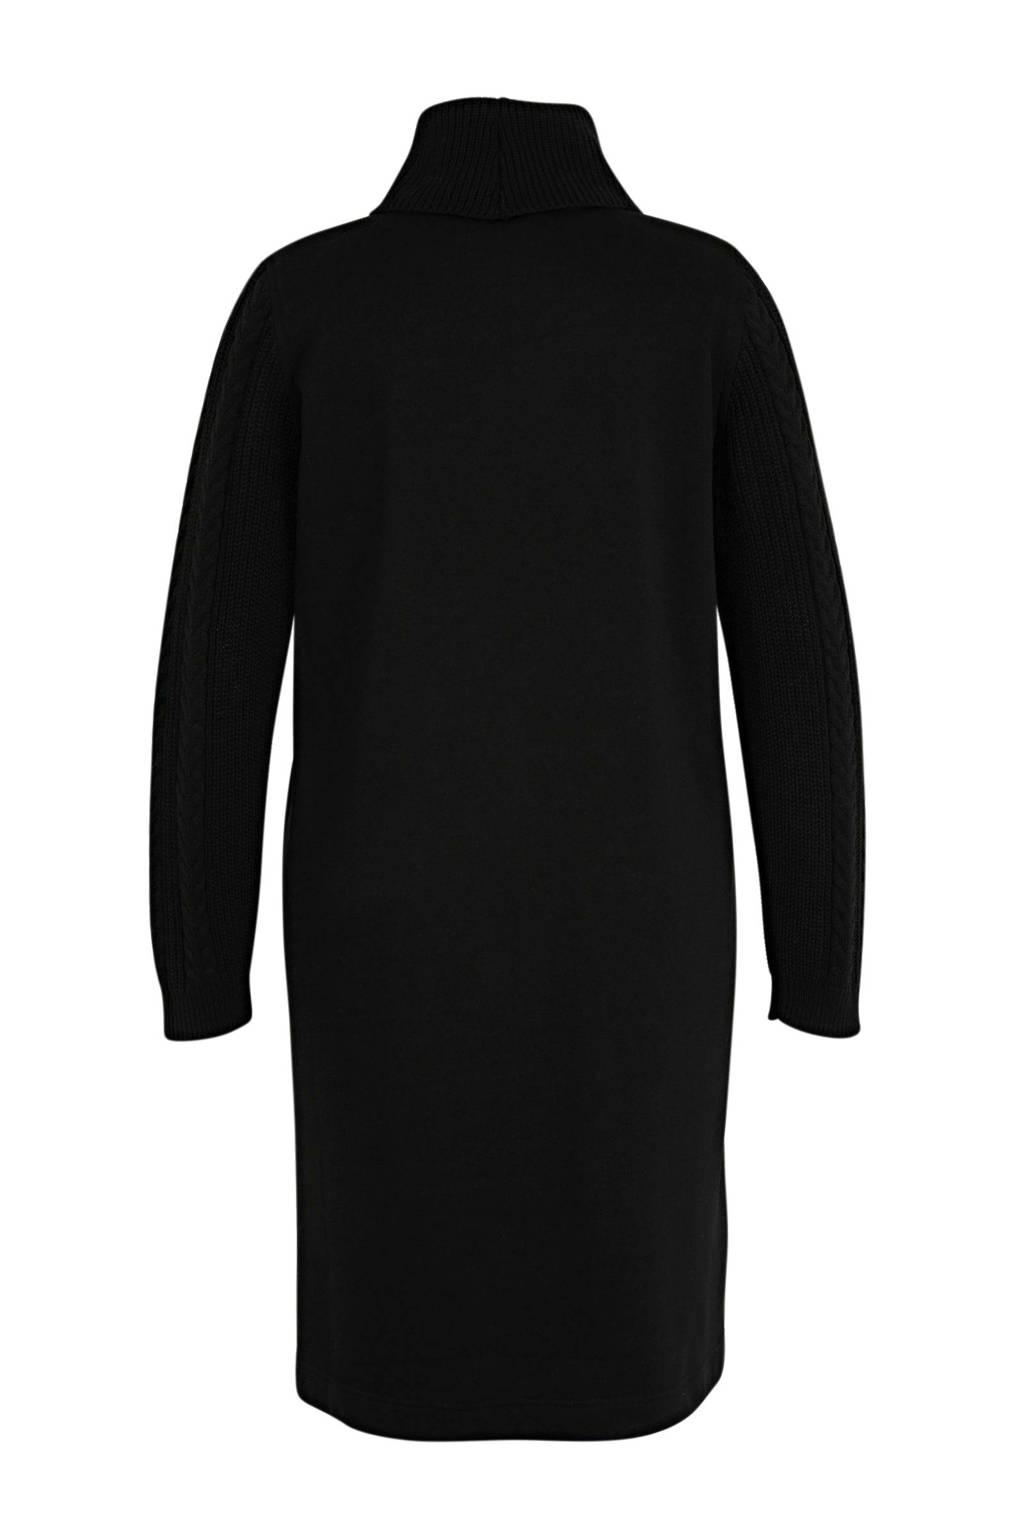 Yesta gebreide jurk zwart, Zwart